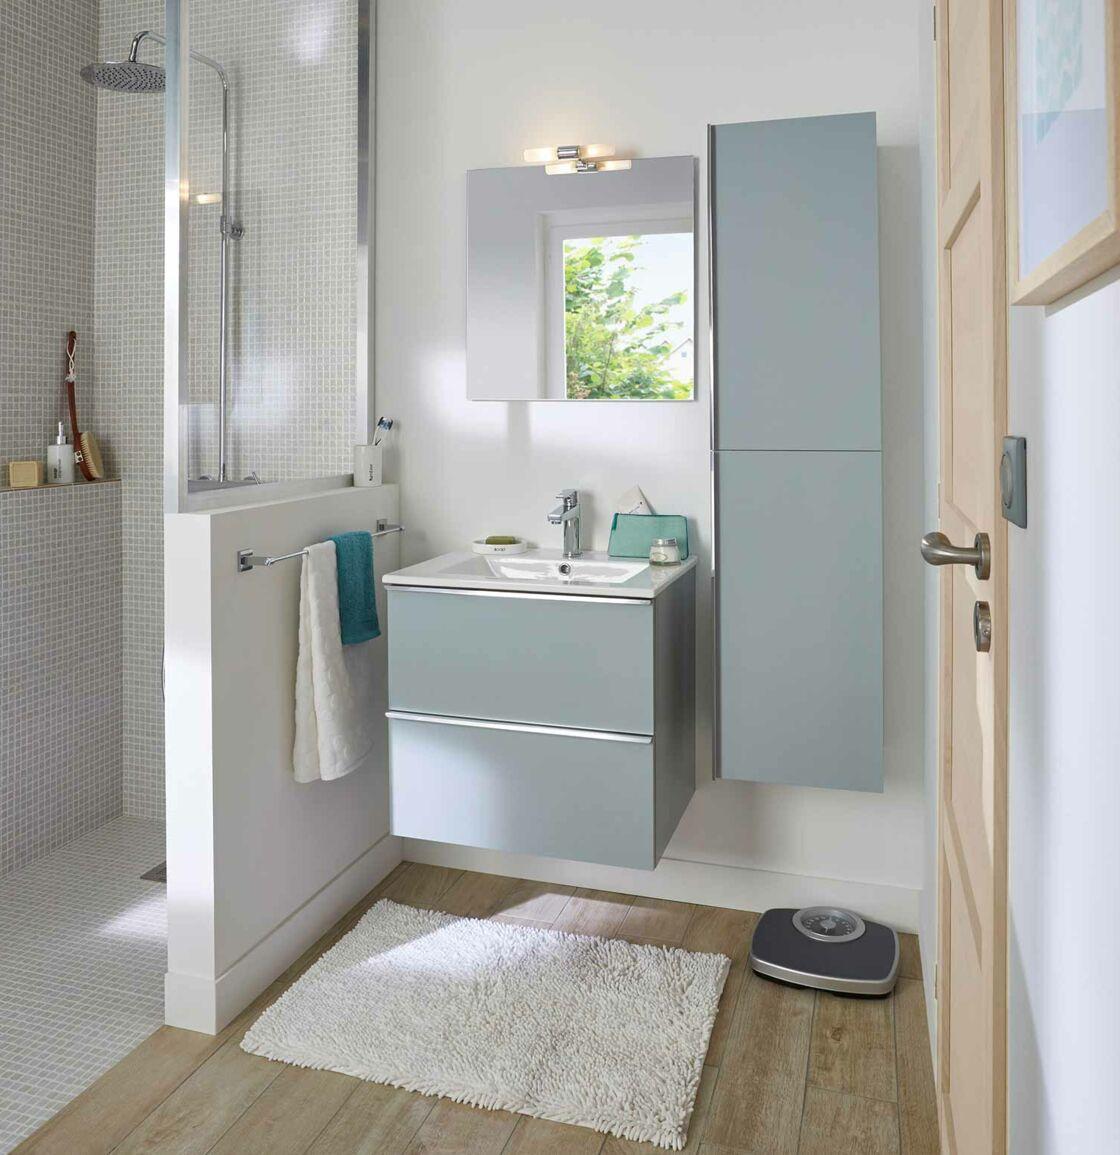 Comment am nager une douche dans une petite salle de bains femme actuelle le mag for Taille fenetre wc